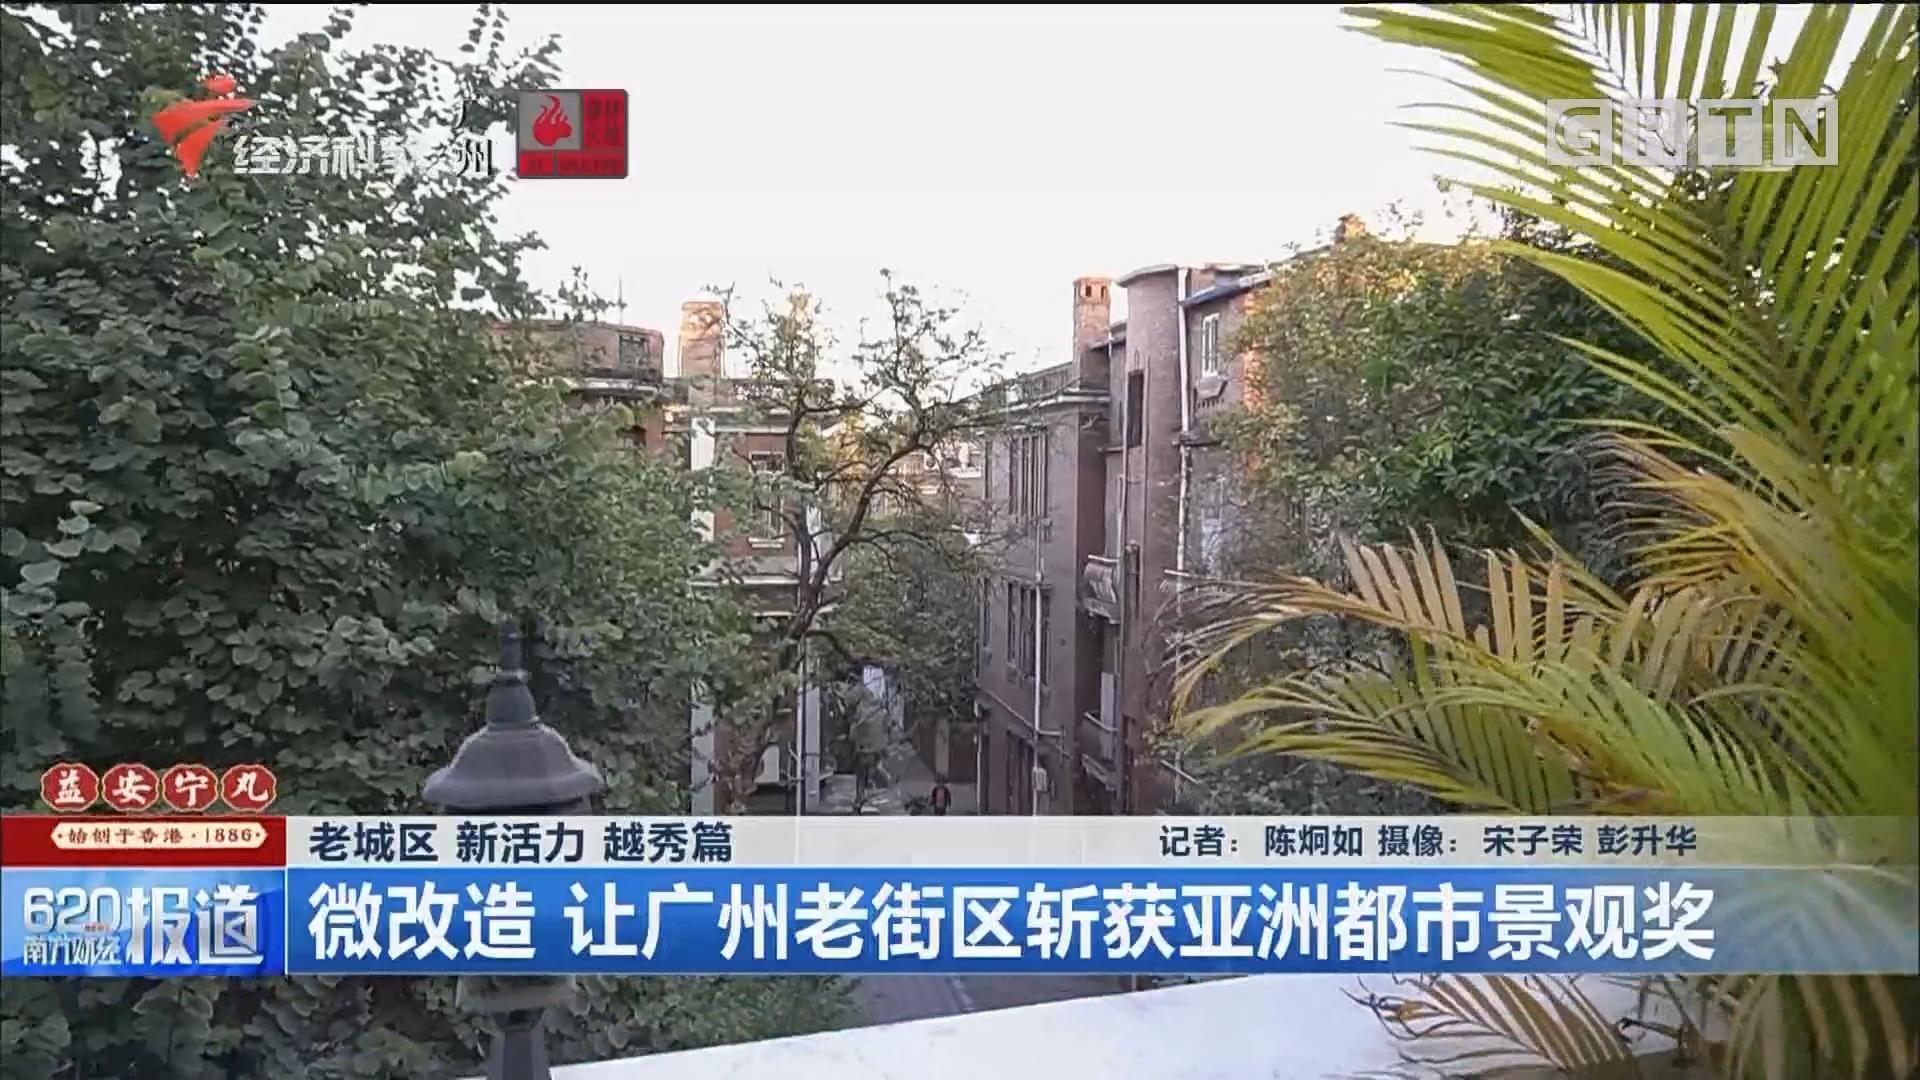 老城区 新活力 越秀篇:微改造 让广州老街区斩获亚洲都市景观奖